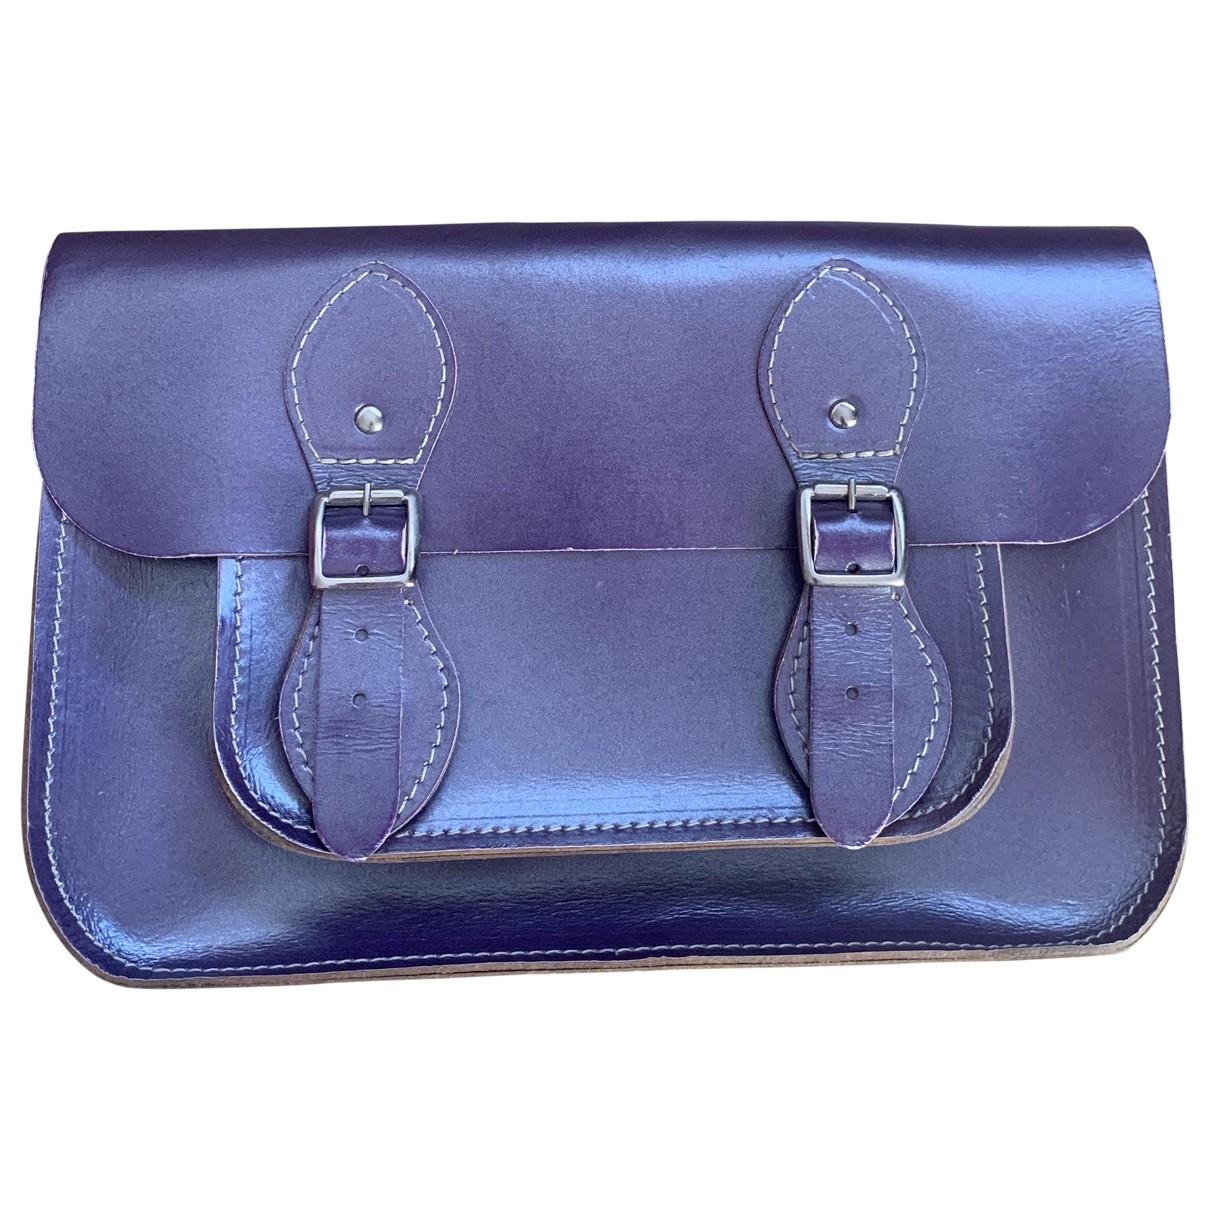 Leather Satchel Company - Sac a main   pour femme en cuir - metallise